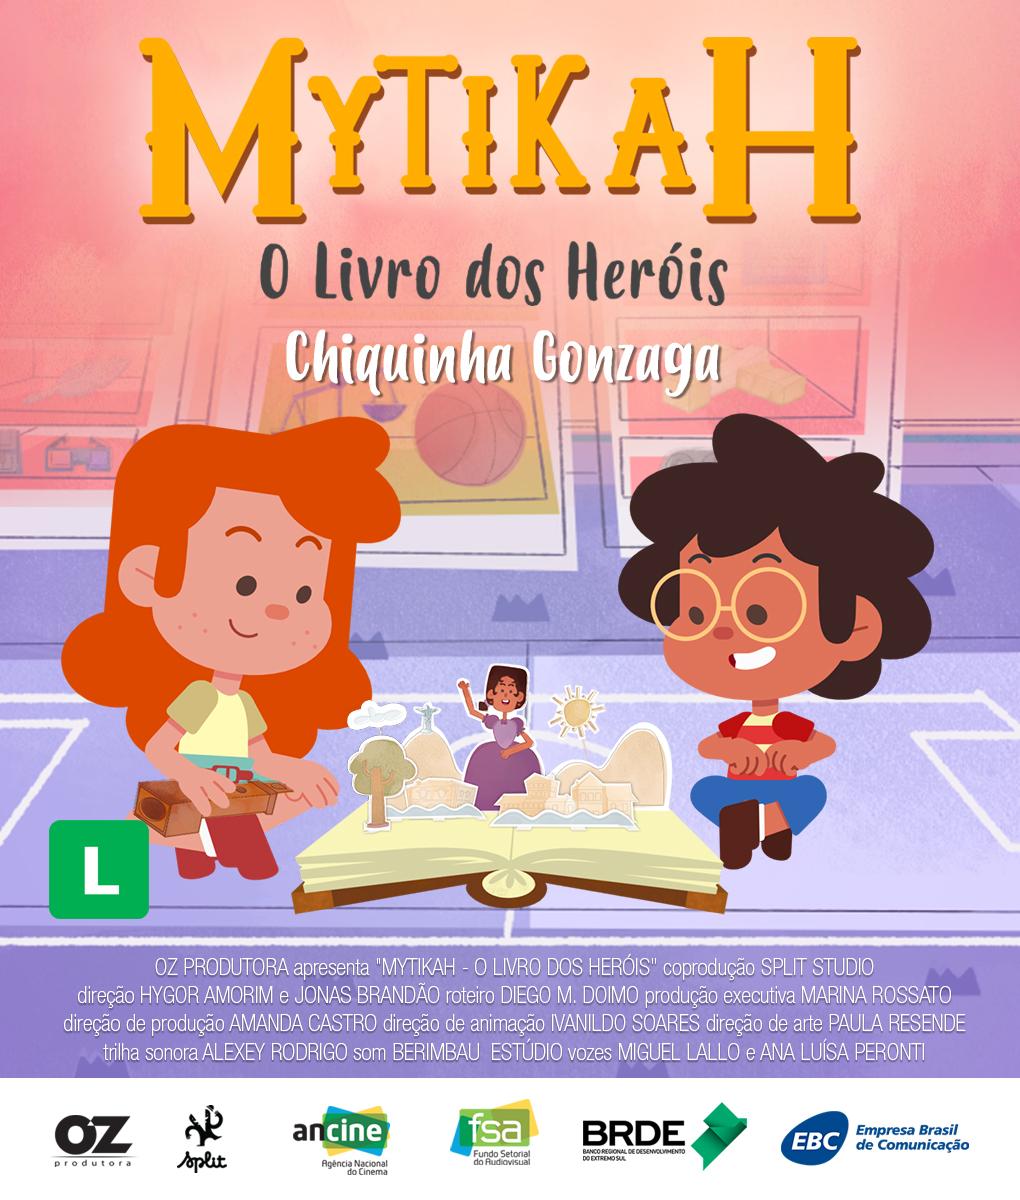 Teste Mytikah – O livro dos heróis